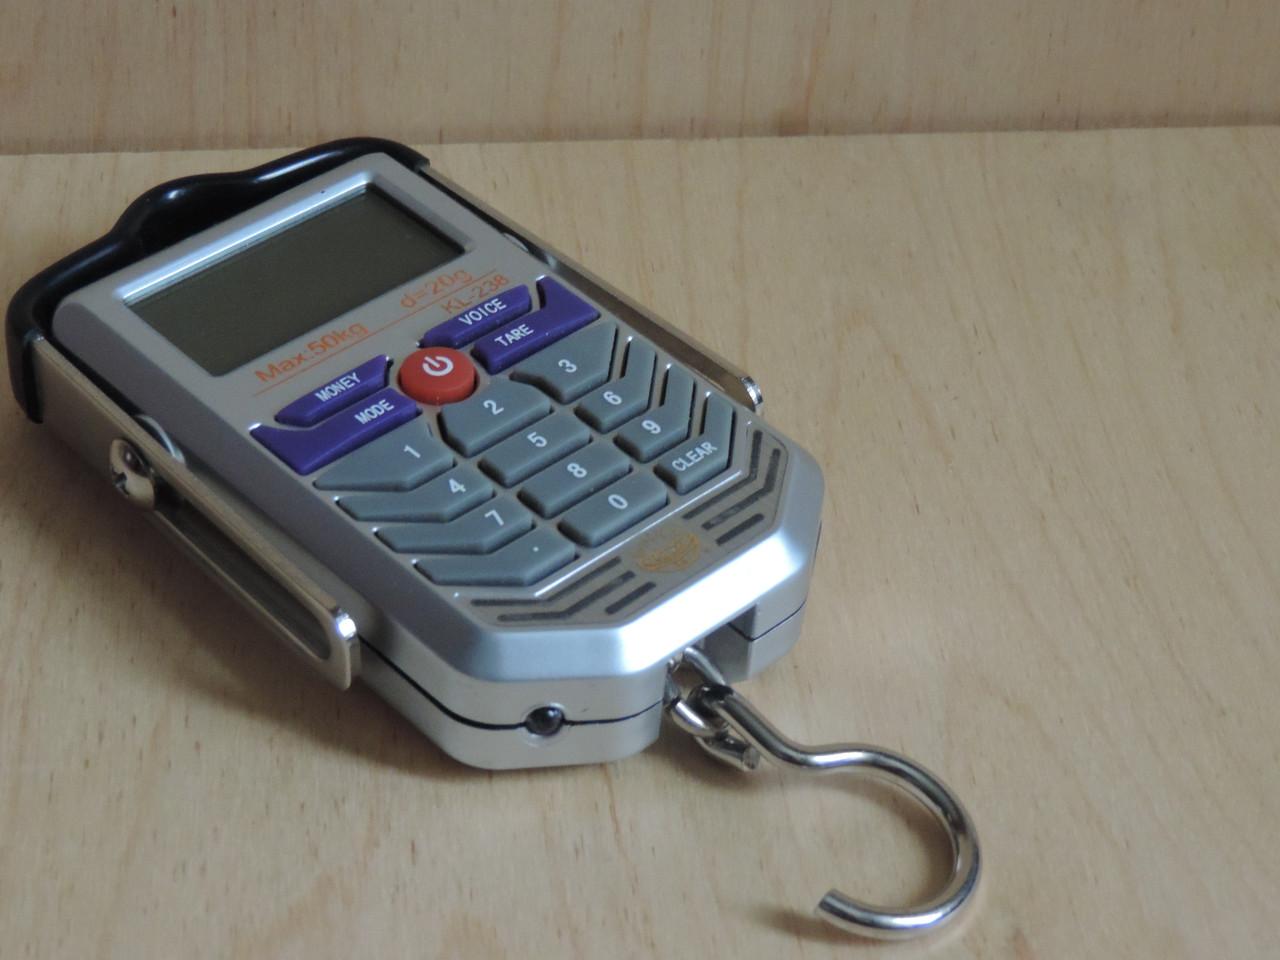 Весы электронные карманные (кантер / безмен) 50 кг. с детектором подлинности денег.